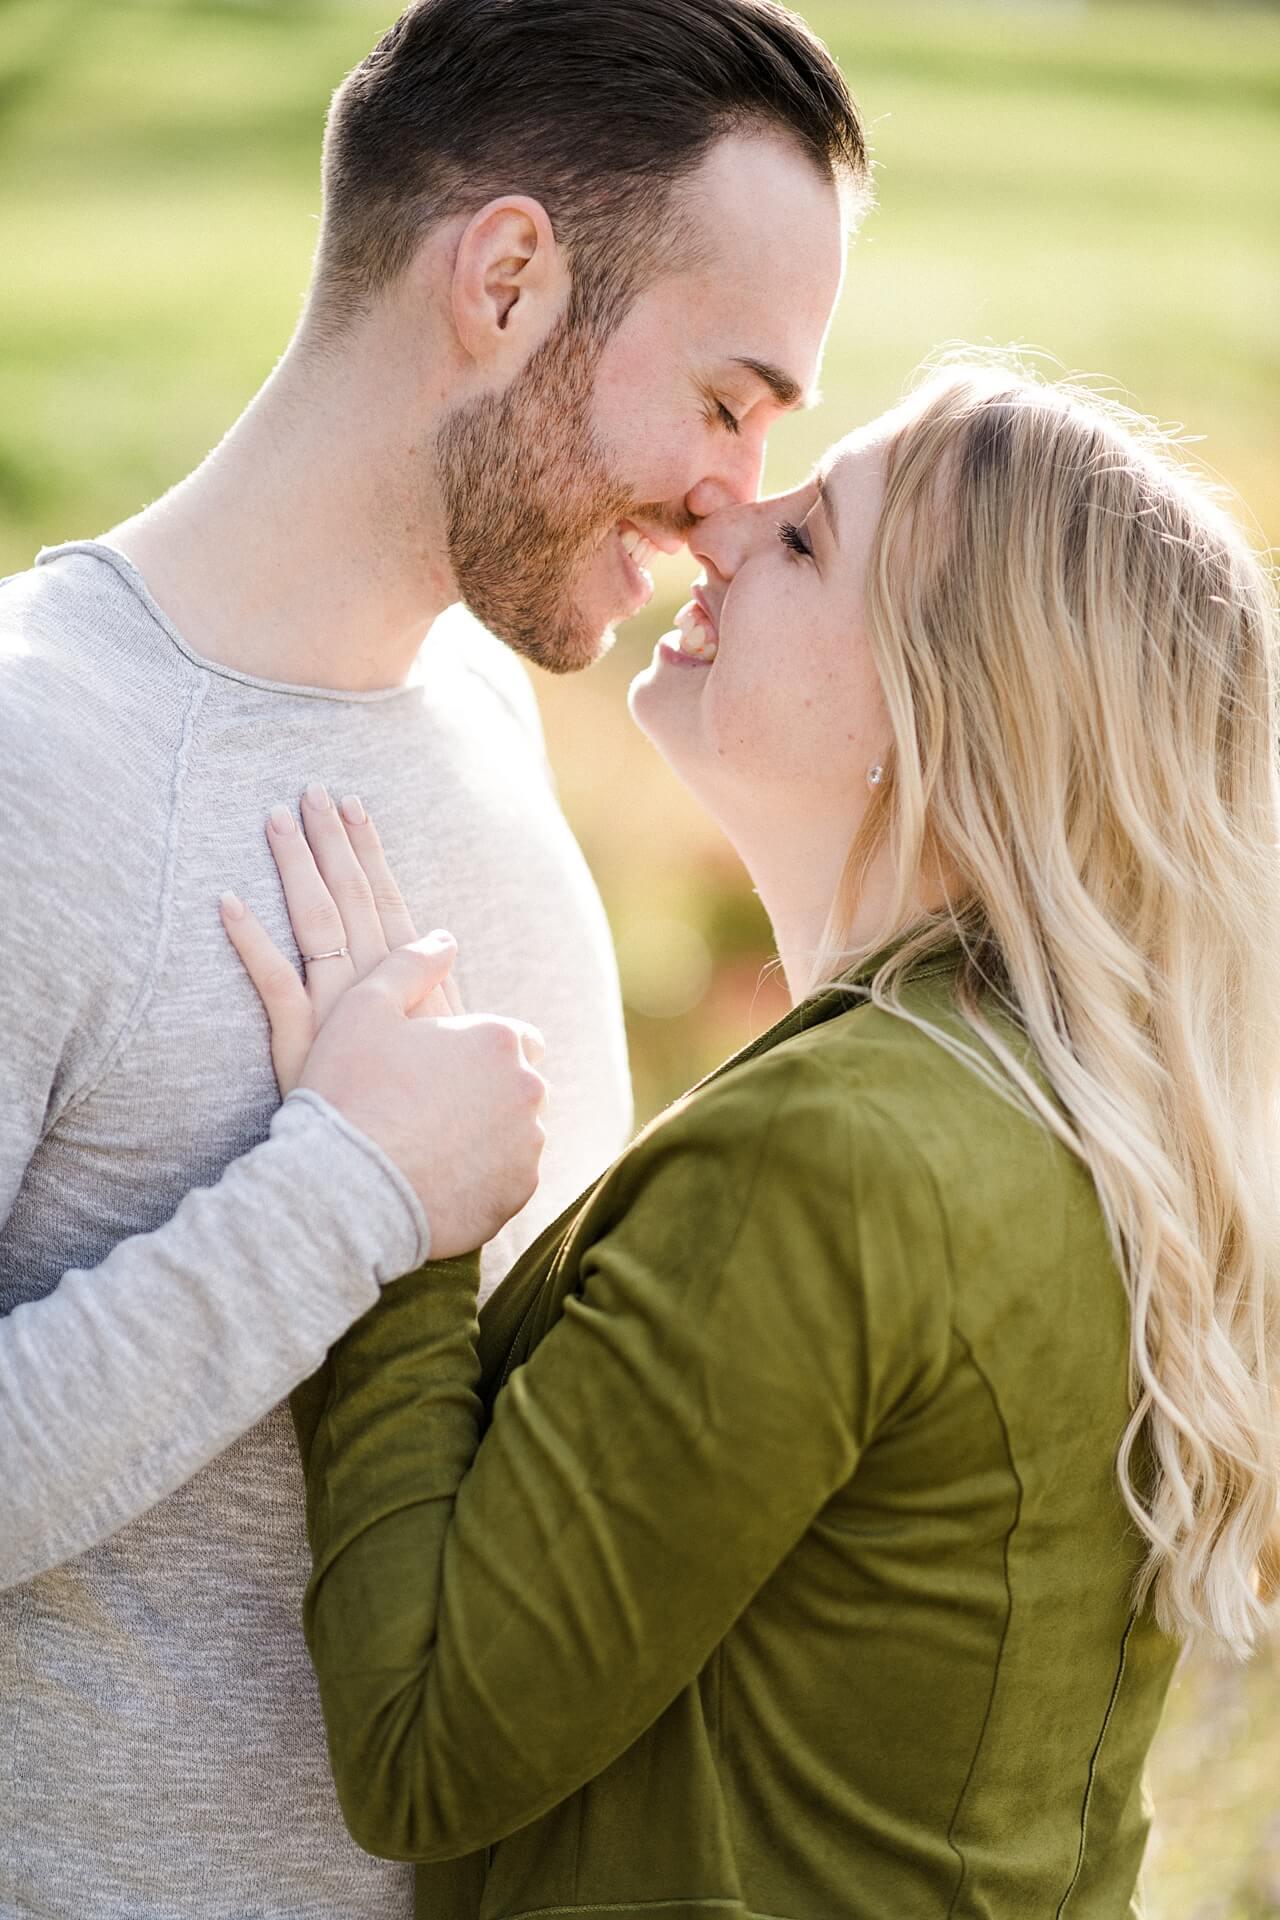 Rebecca Conte Fotografie: Verlobungsbilder bei Herbstwetter 13